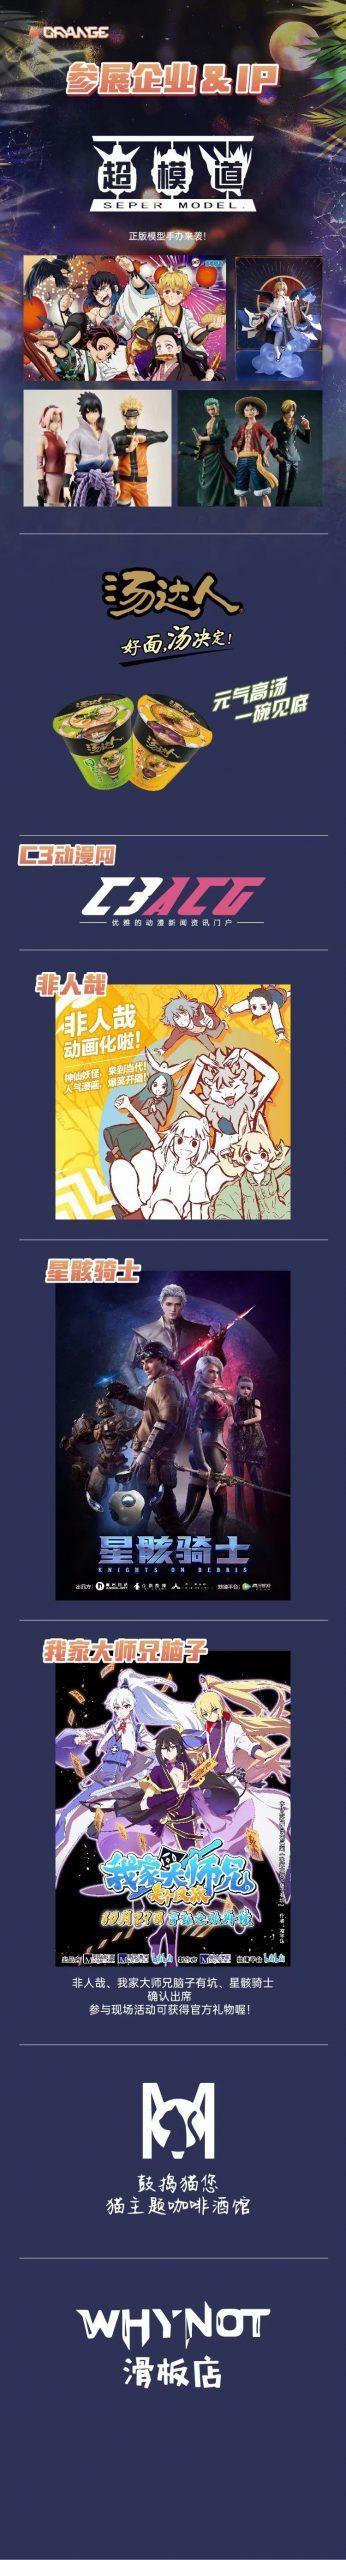 2020烟台橙子动漫游戏嘉年华终宣-C3动漫网